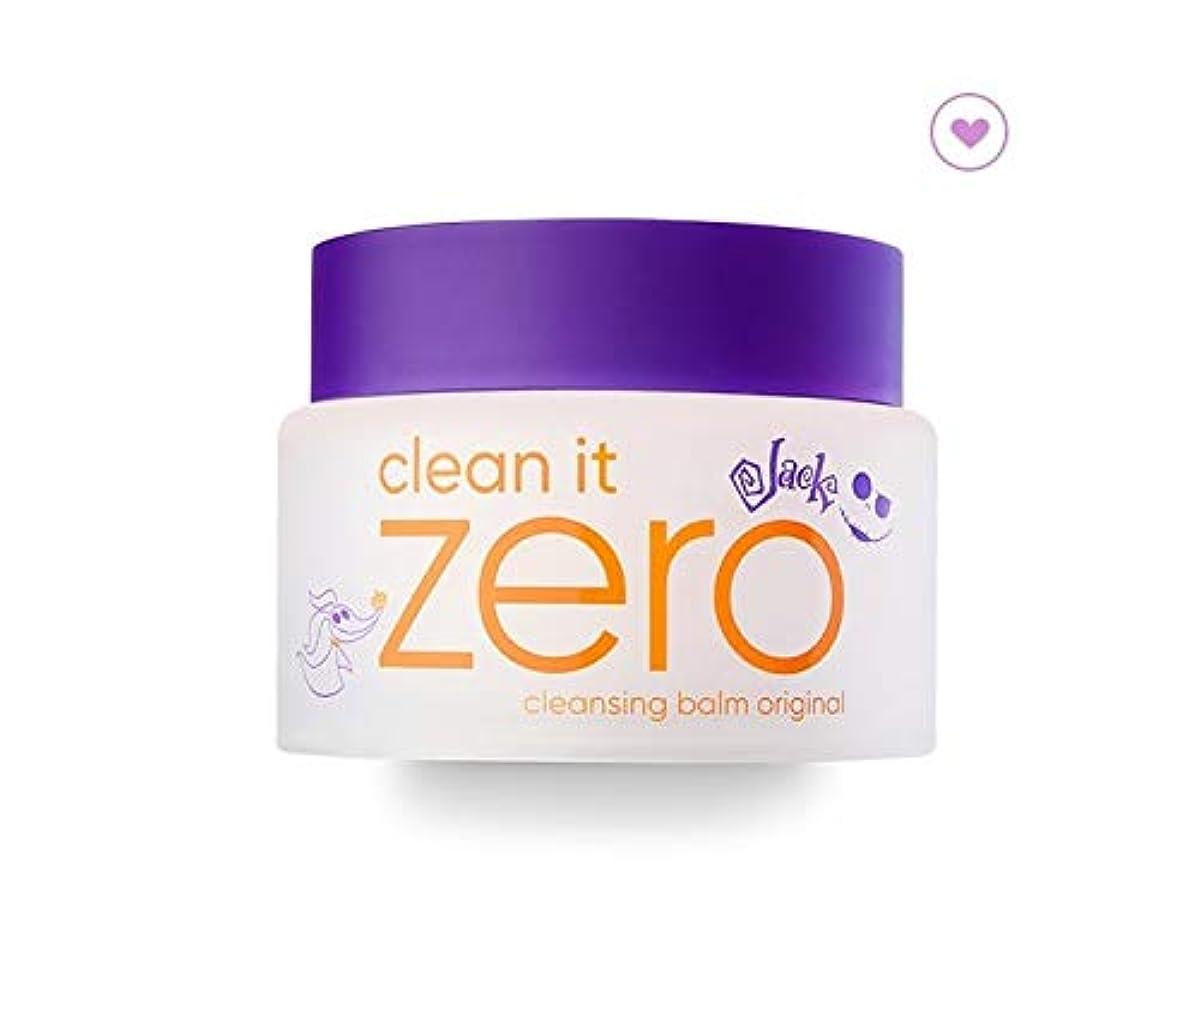 アミューズ自分を引き上げるロードブロッキングbanilaco クリーンイットゼロクレンジングバームディズニーコレクション(パープル) / Clean It Zero Cleansing Balm Disney Collection (Purple) 100ml [...